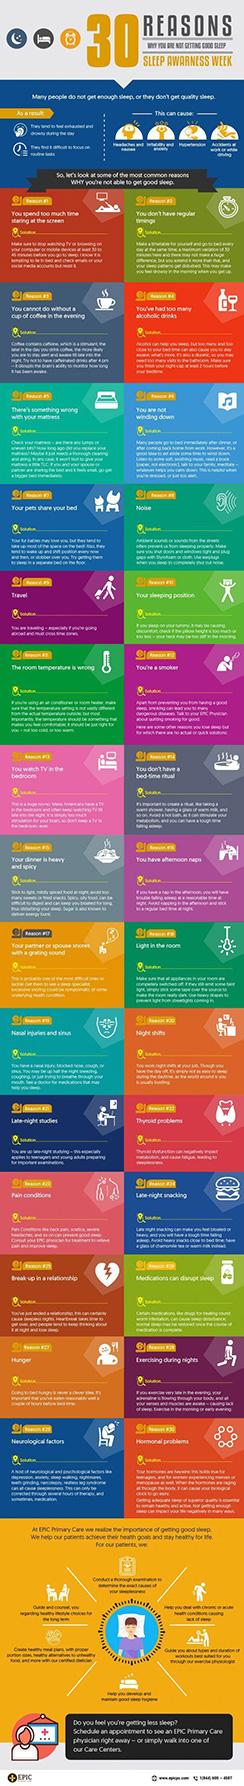 sleep-awareness-week-reasons-of-sleeplessness-infographic